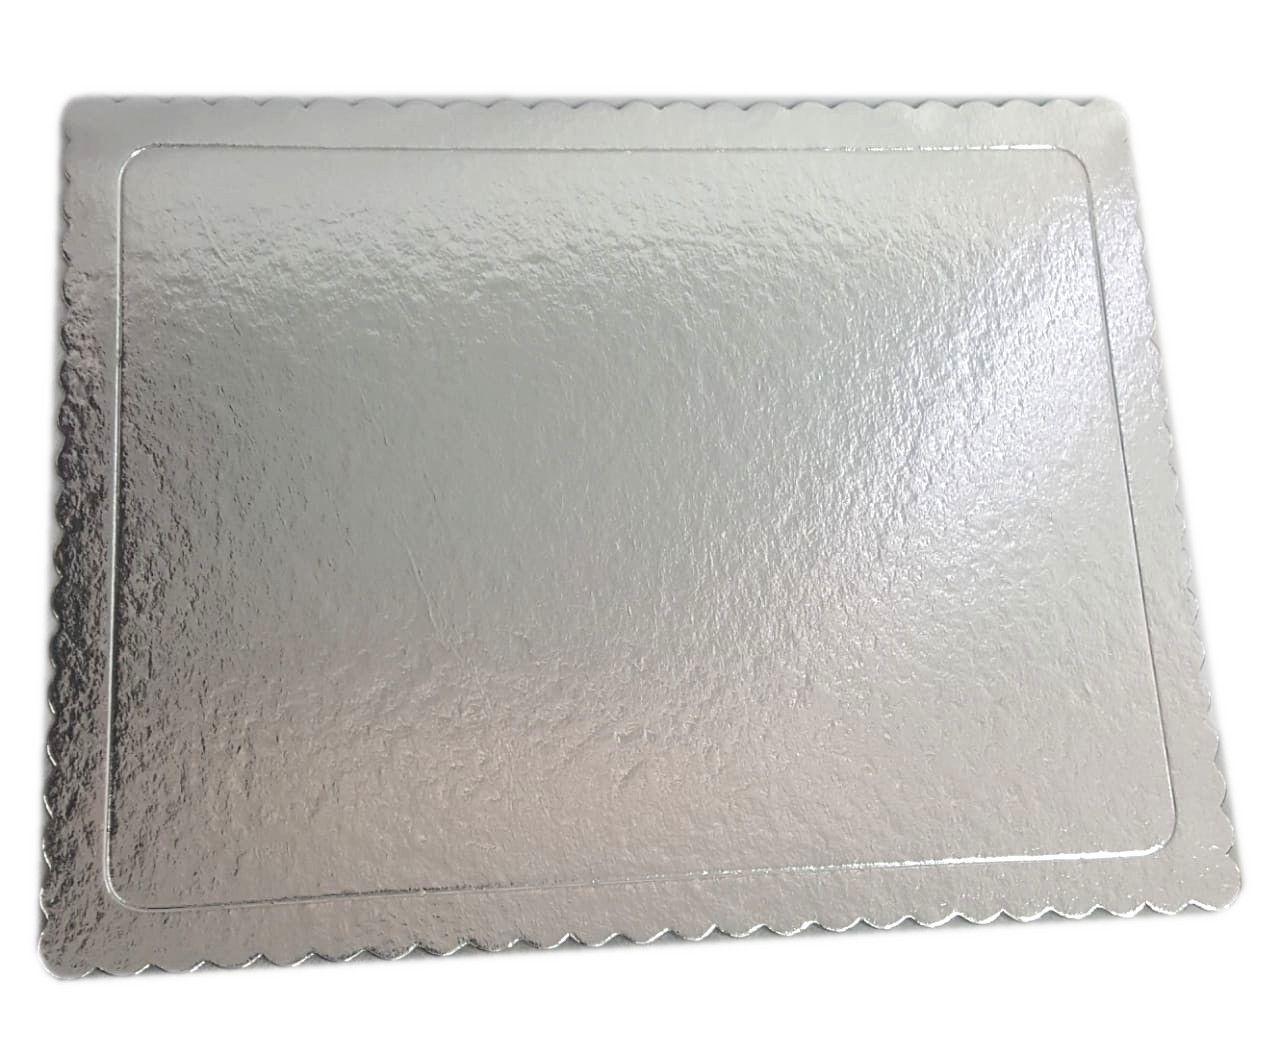 Base para Bolo Cakeboard Retangular Prata 40 cm x 30 cm - unidade